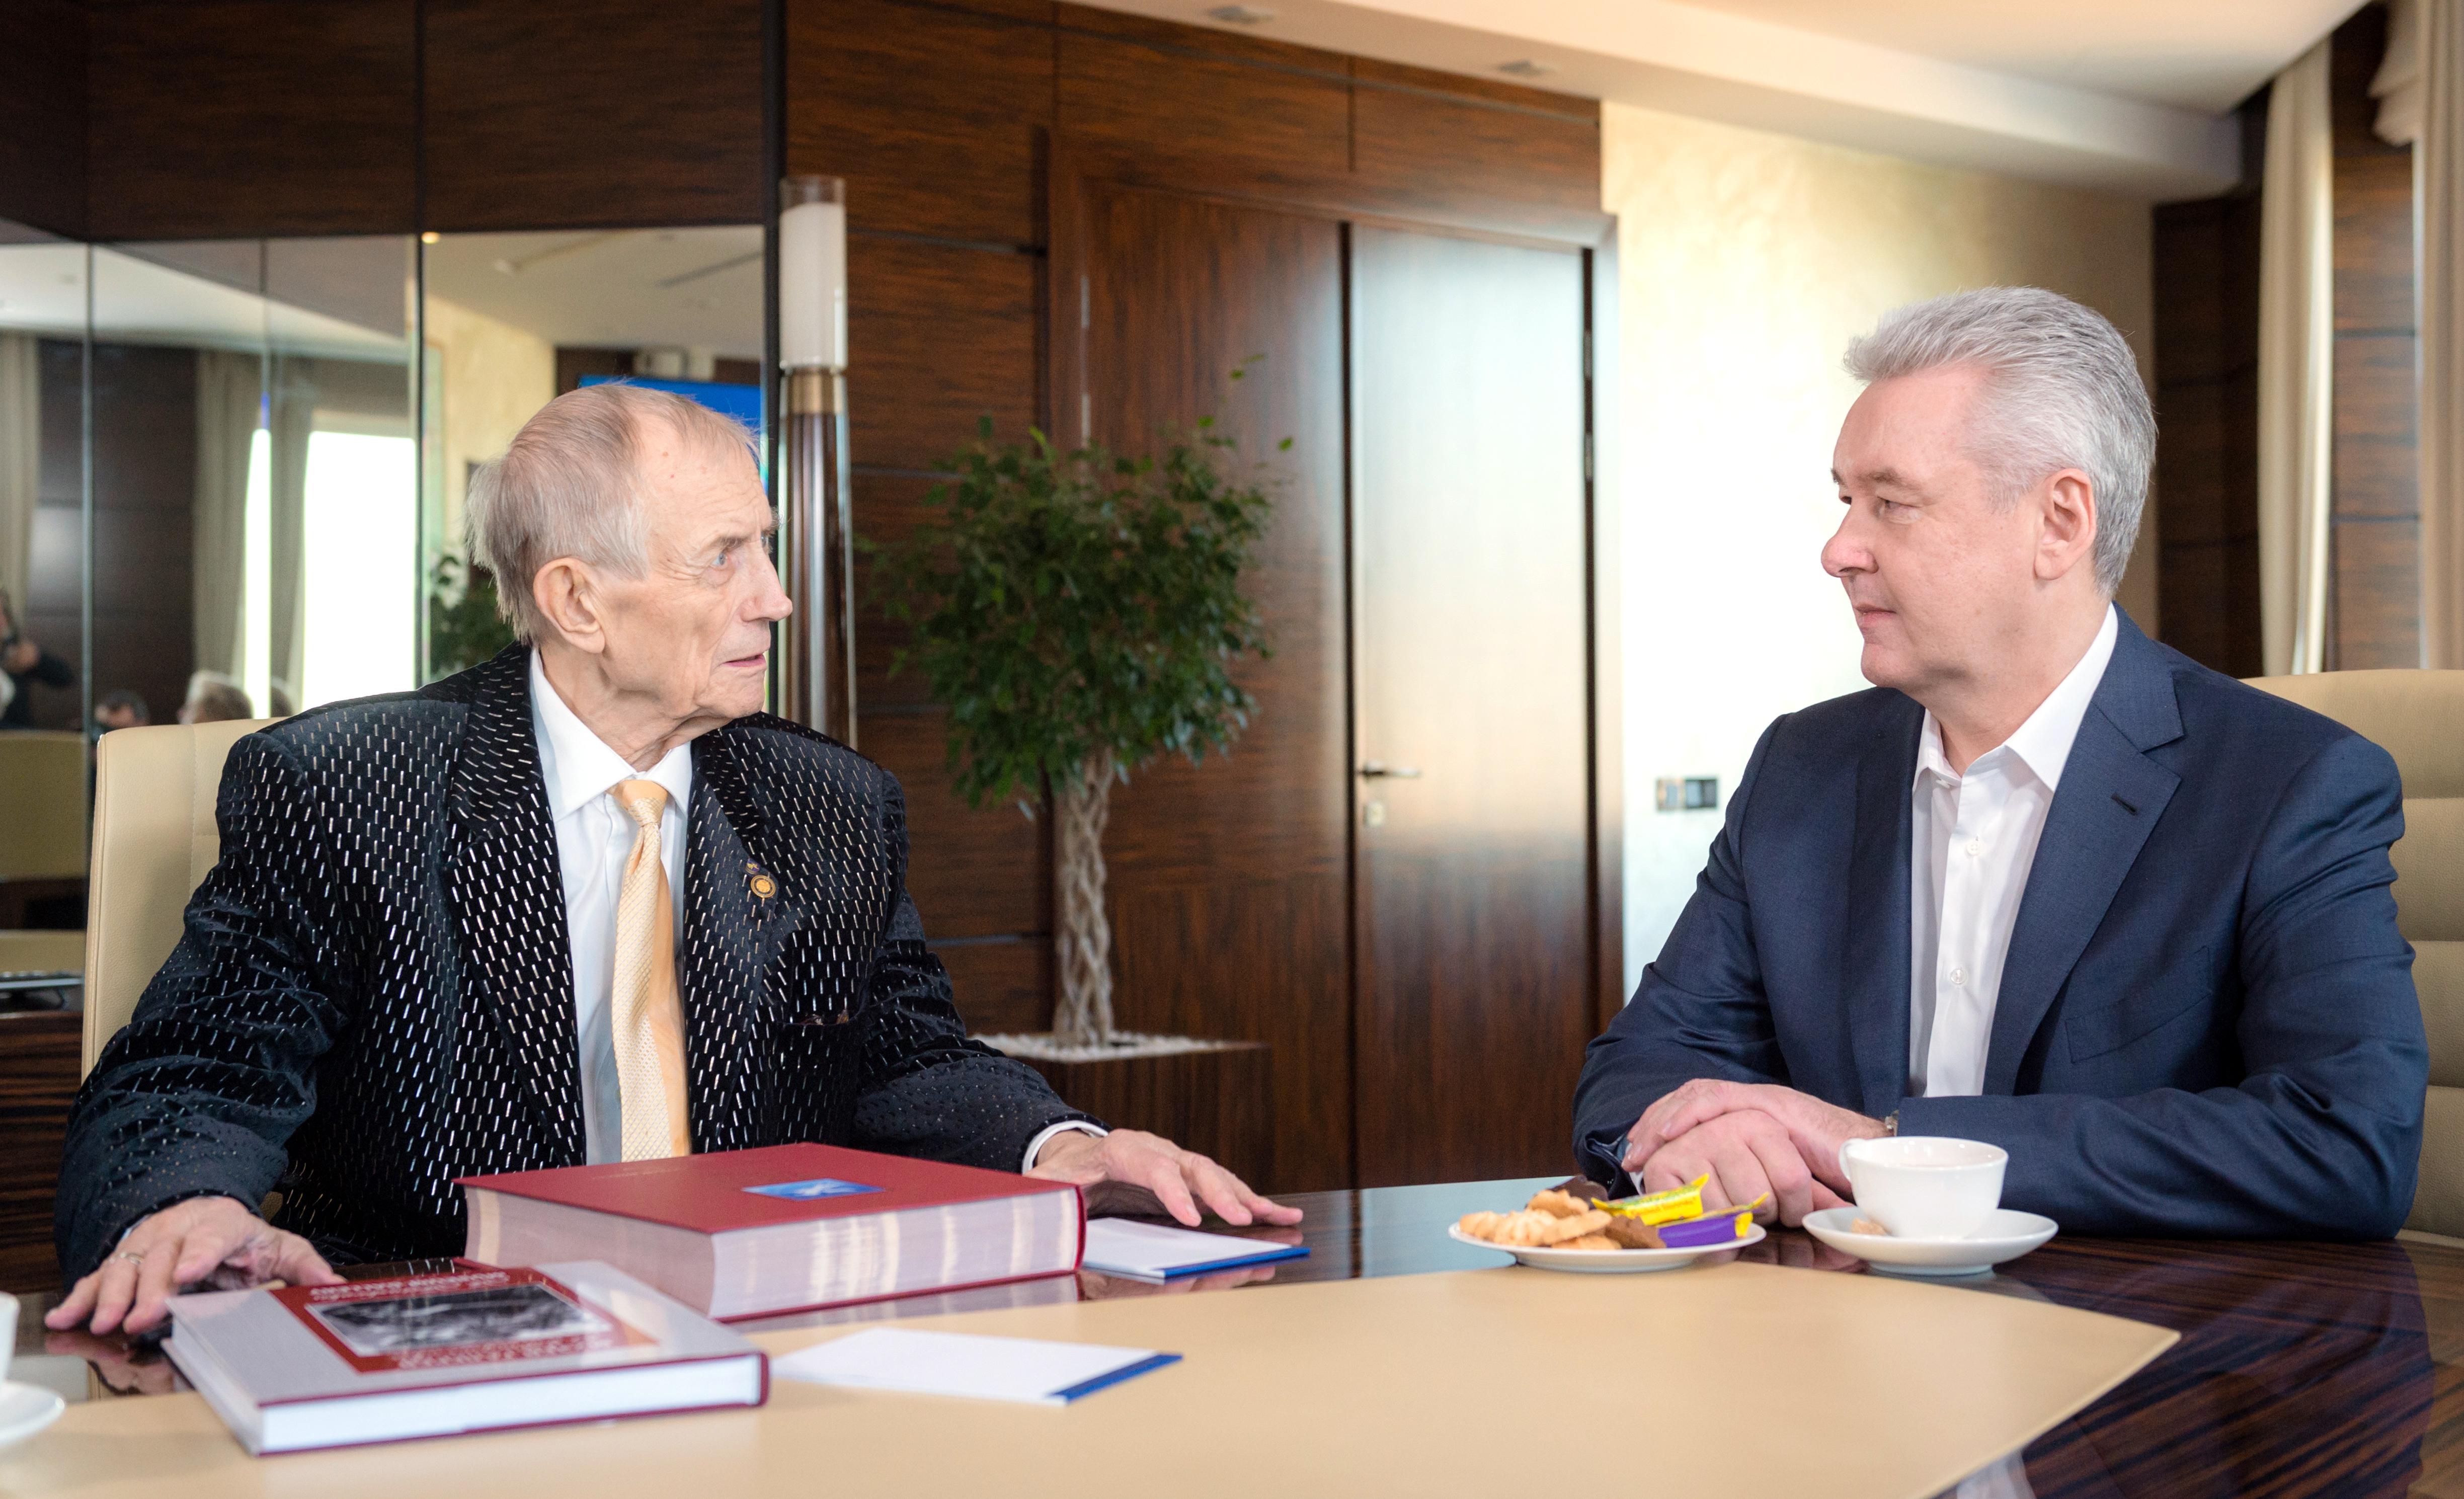 Мэр Москвы Сергей Собянин и поэт Евгений Евтушенко во время встречи